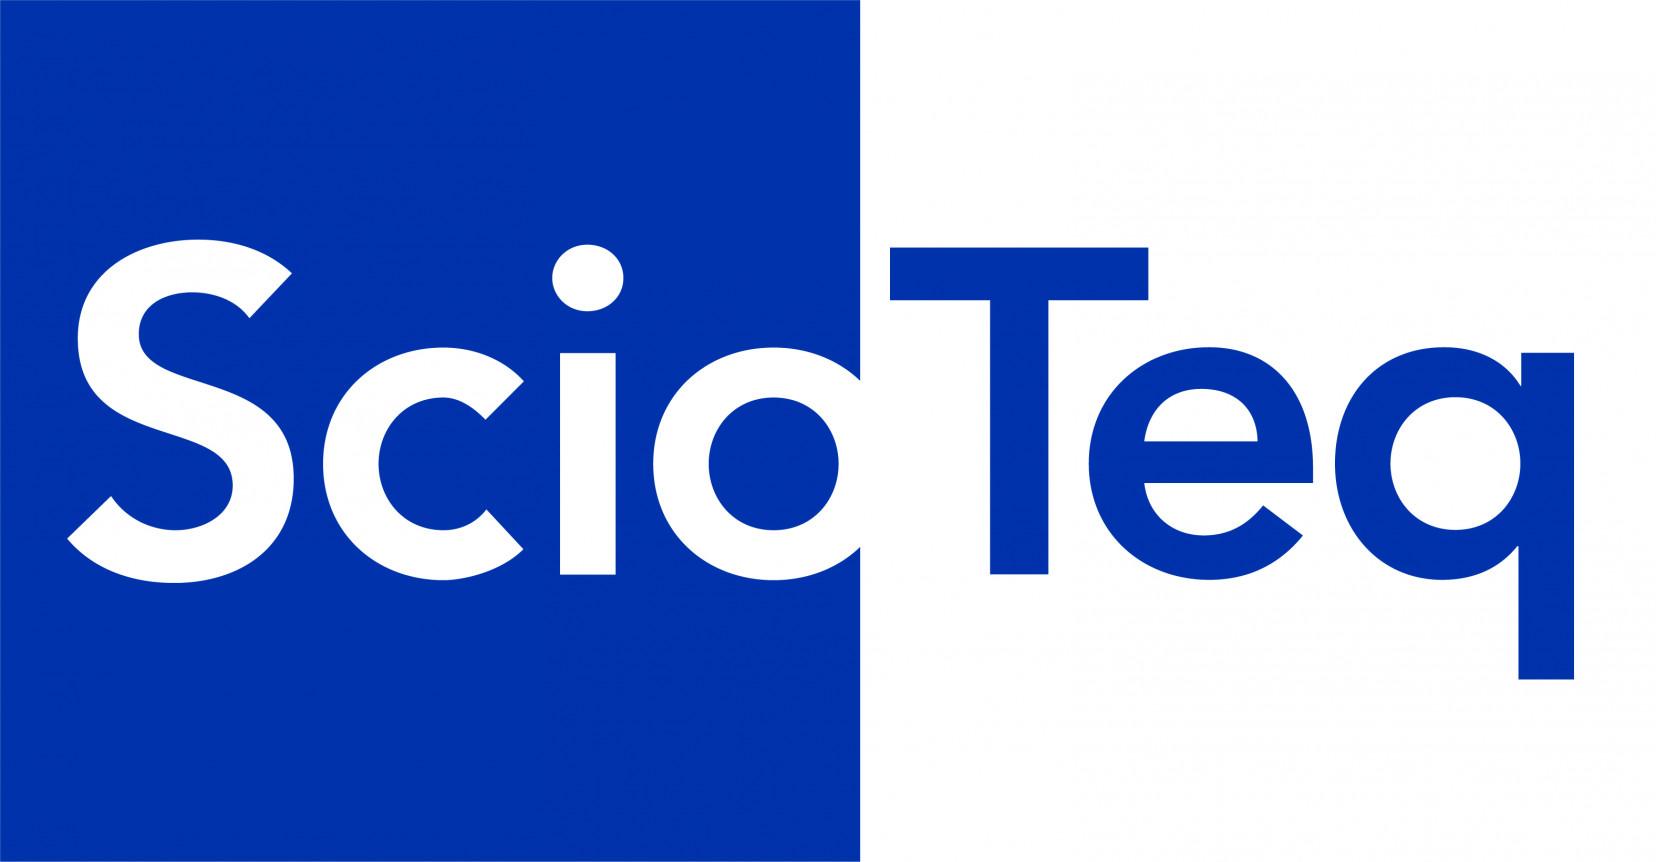 ScioTeq-logo.jpg